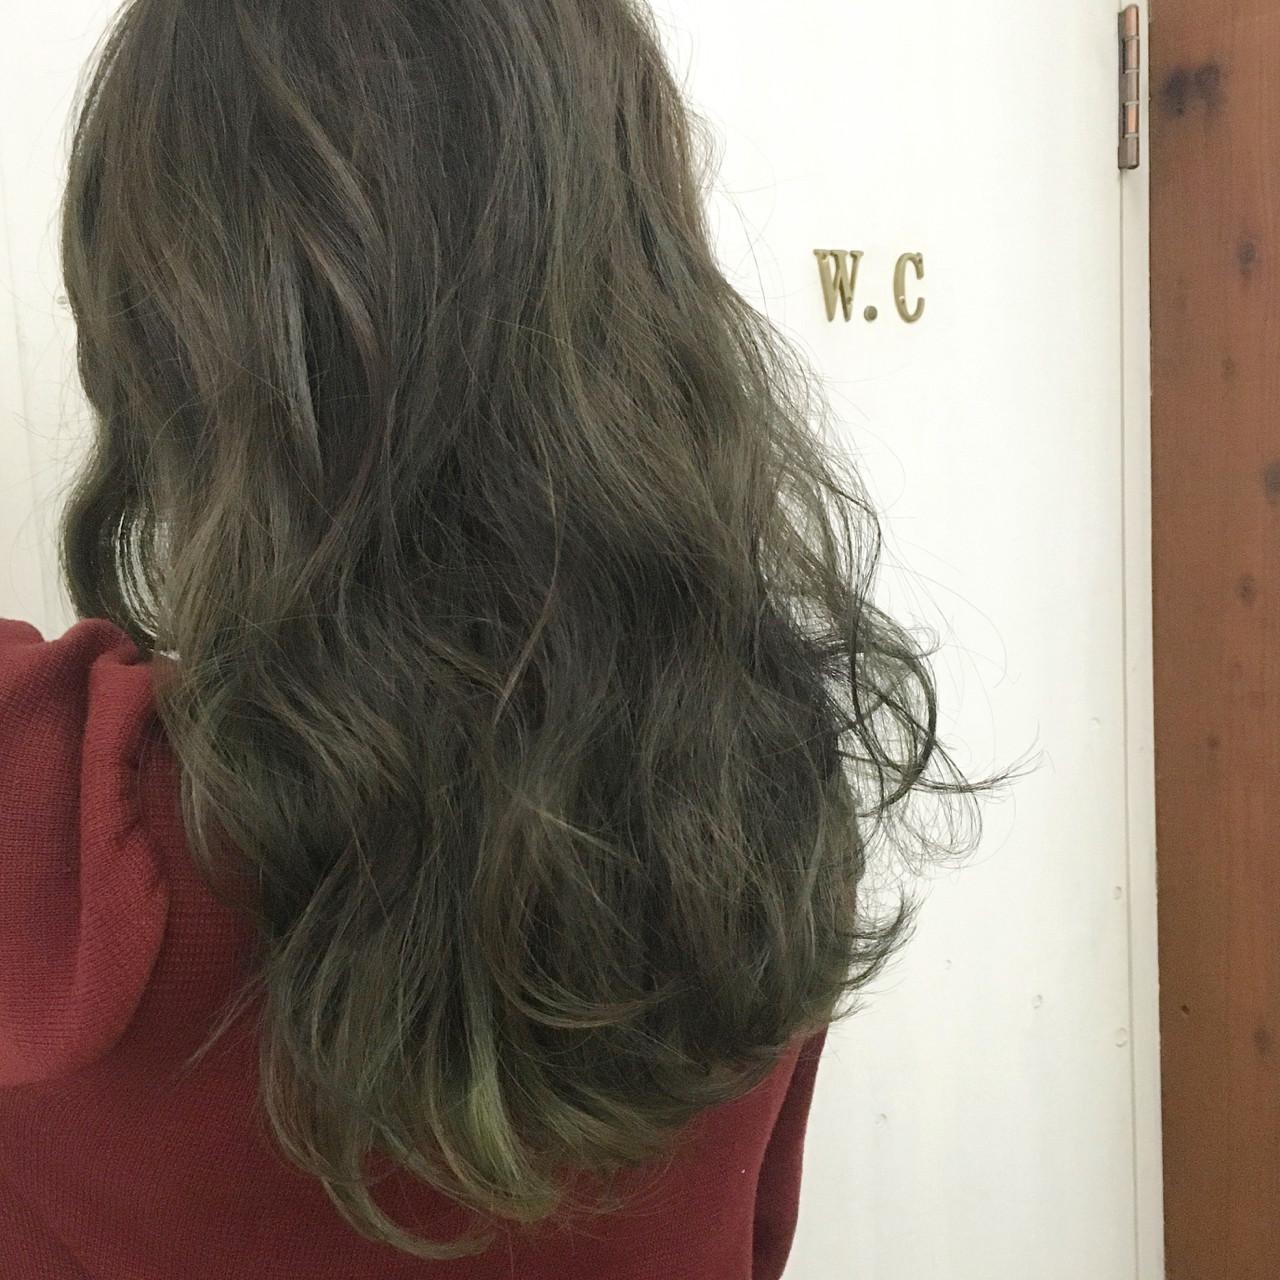 緑の髪色で作る透明感♡ナチュラル個性派髪色に挑戦したいアナタに♡の12枚目の画像